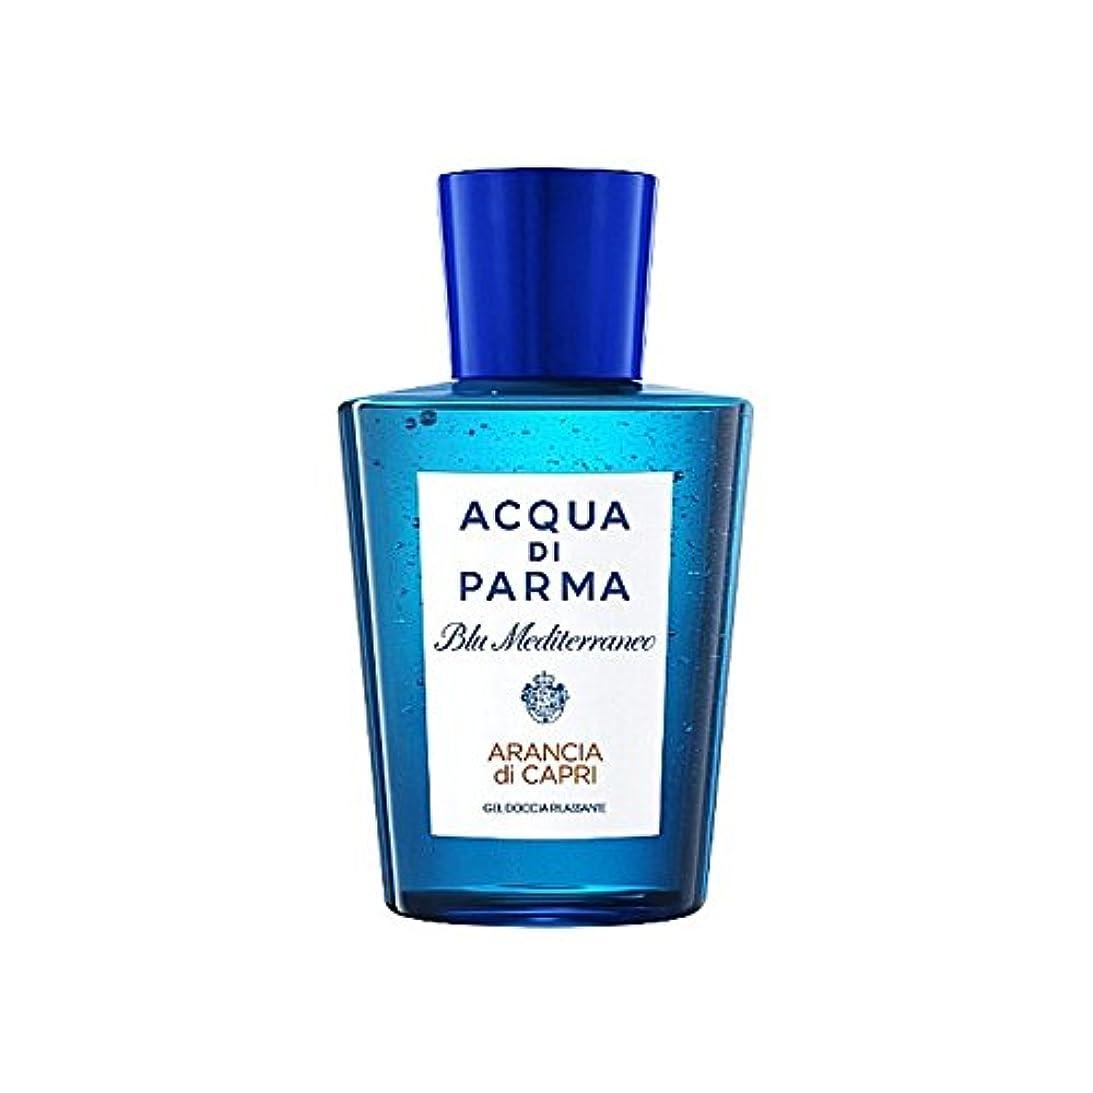 酔っ払い頼む崇拝するAcqua Di Parma Blu Mediterraneo Arancia Di Capri Shower Gel 200ml - アクアディパルマブルーメディのアランシアジカプリシャワージェル200 [並行輸入品]